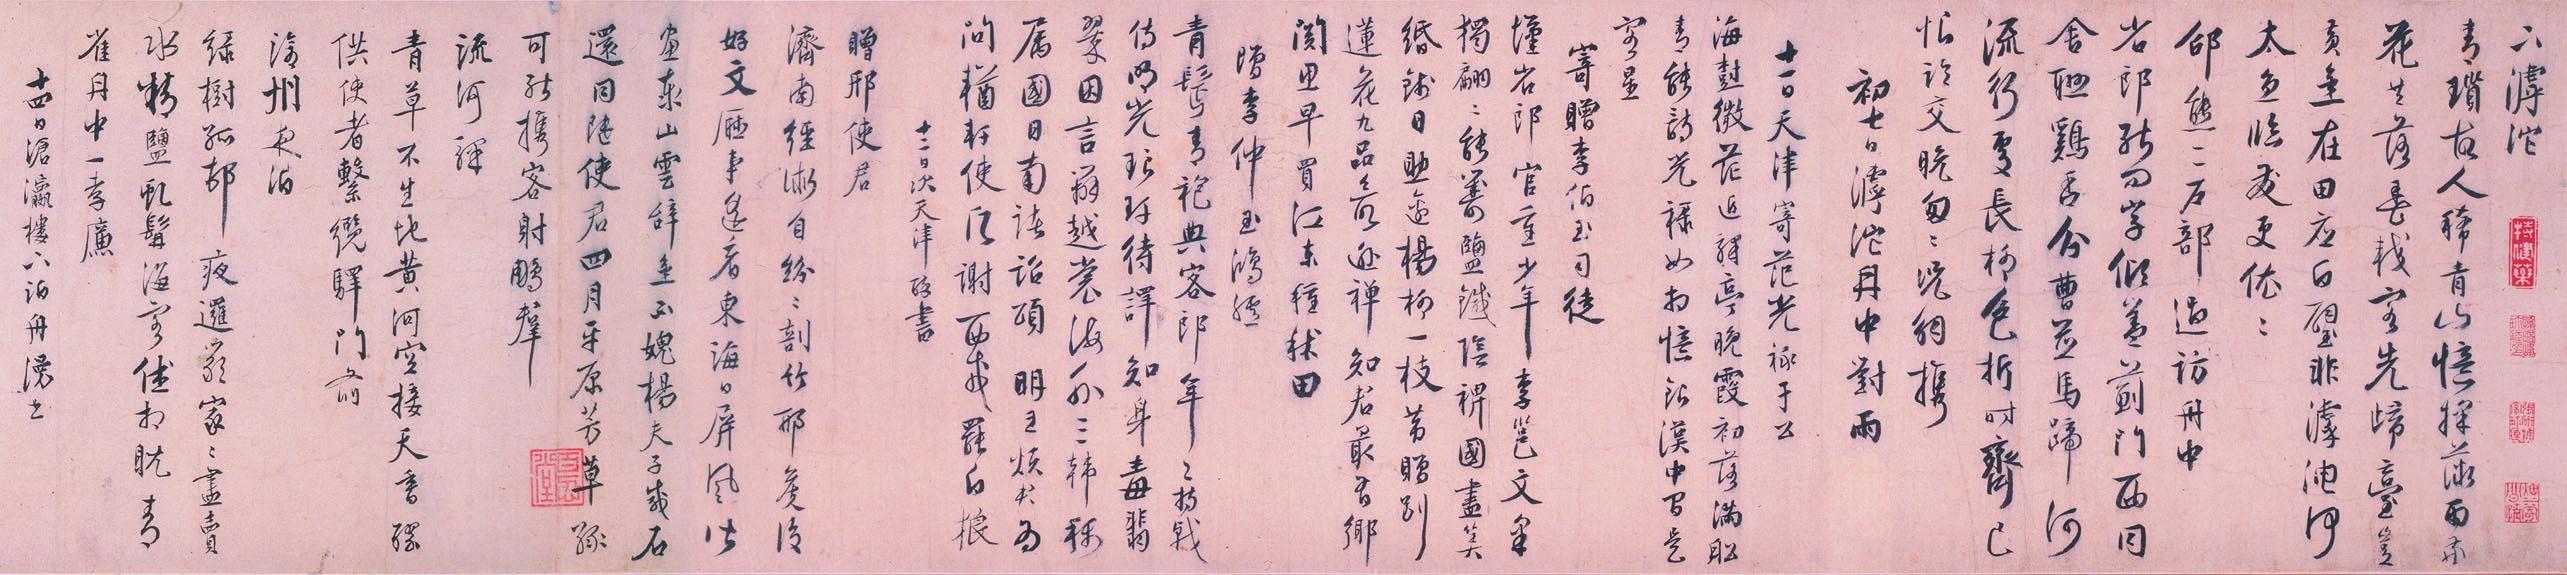 明代王稚登行書詩卷真跡欣賞《自詩詩卷》(共16張圖片)